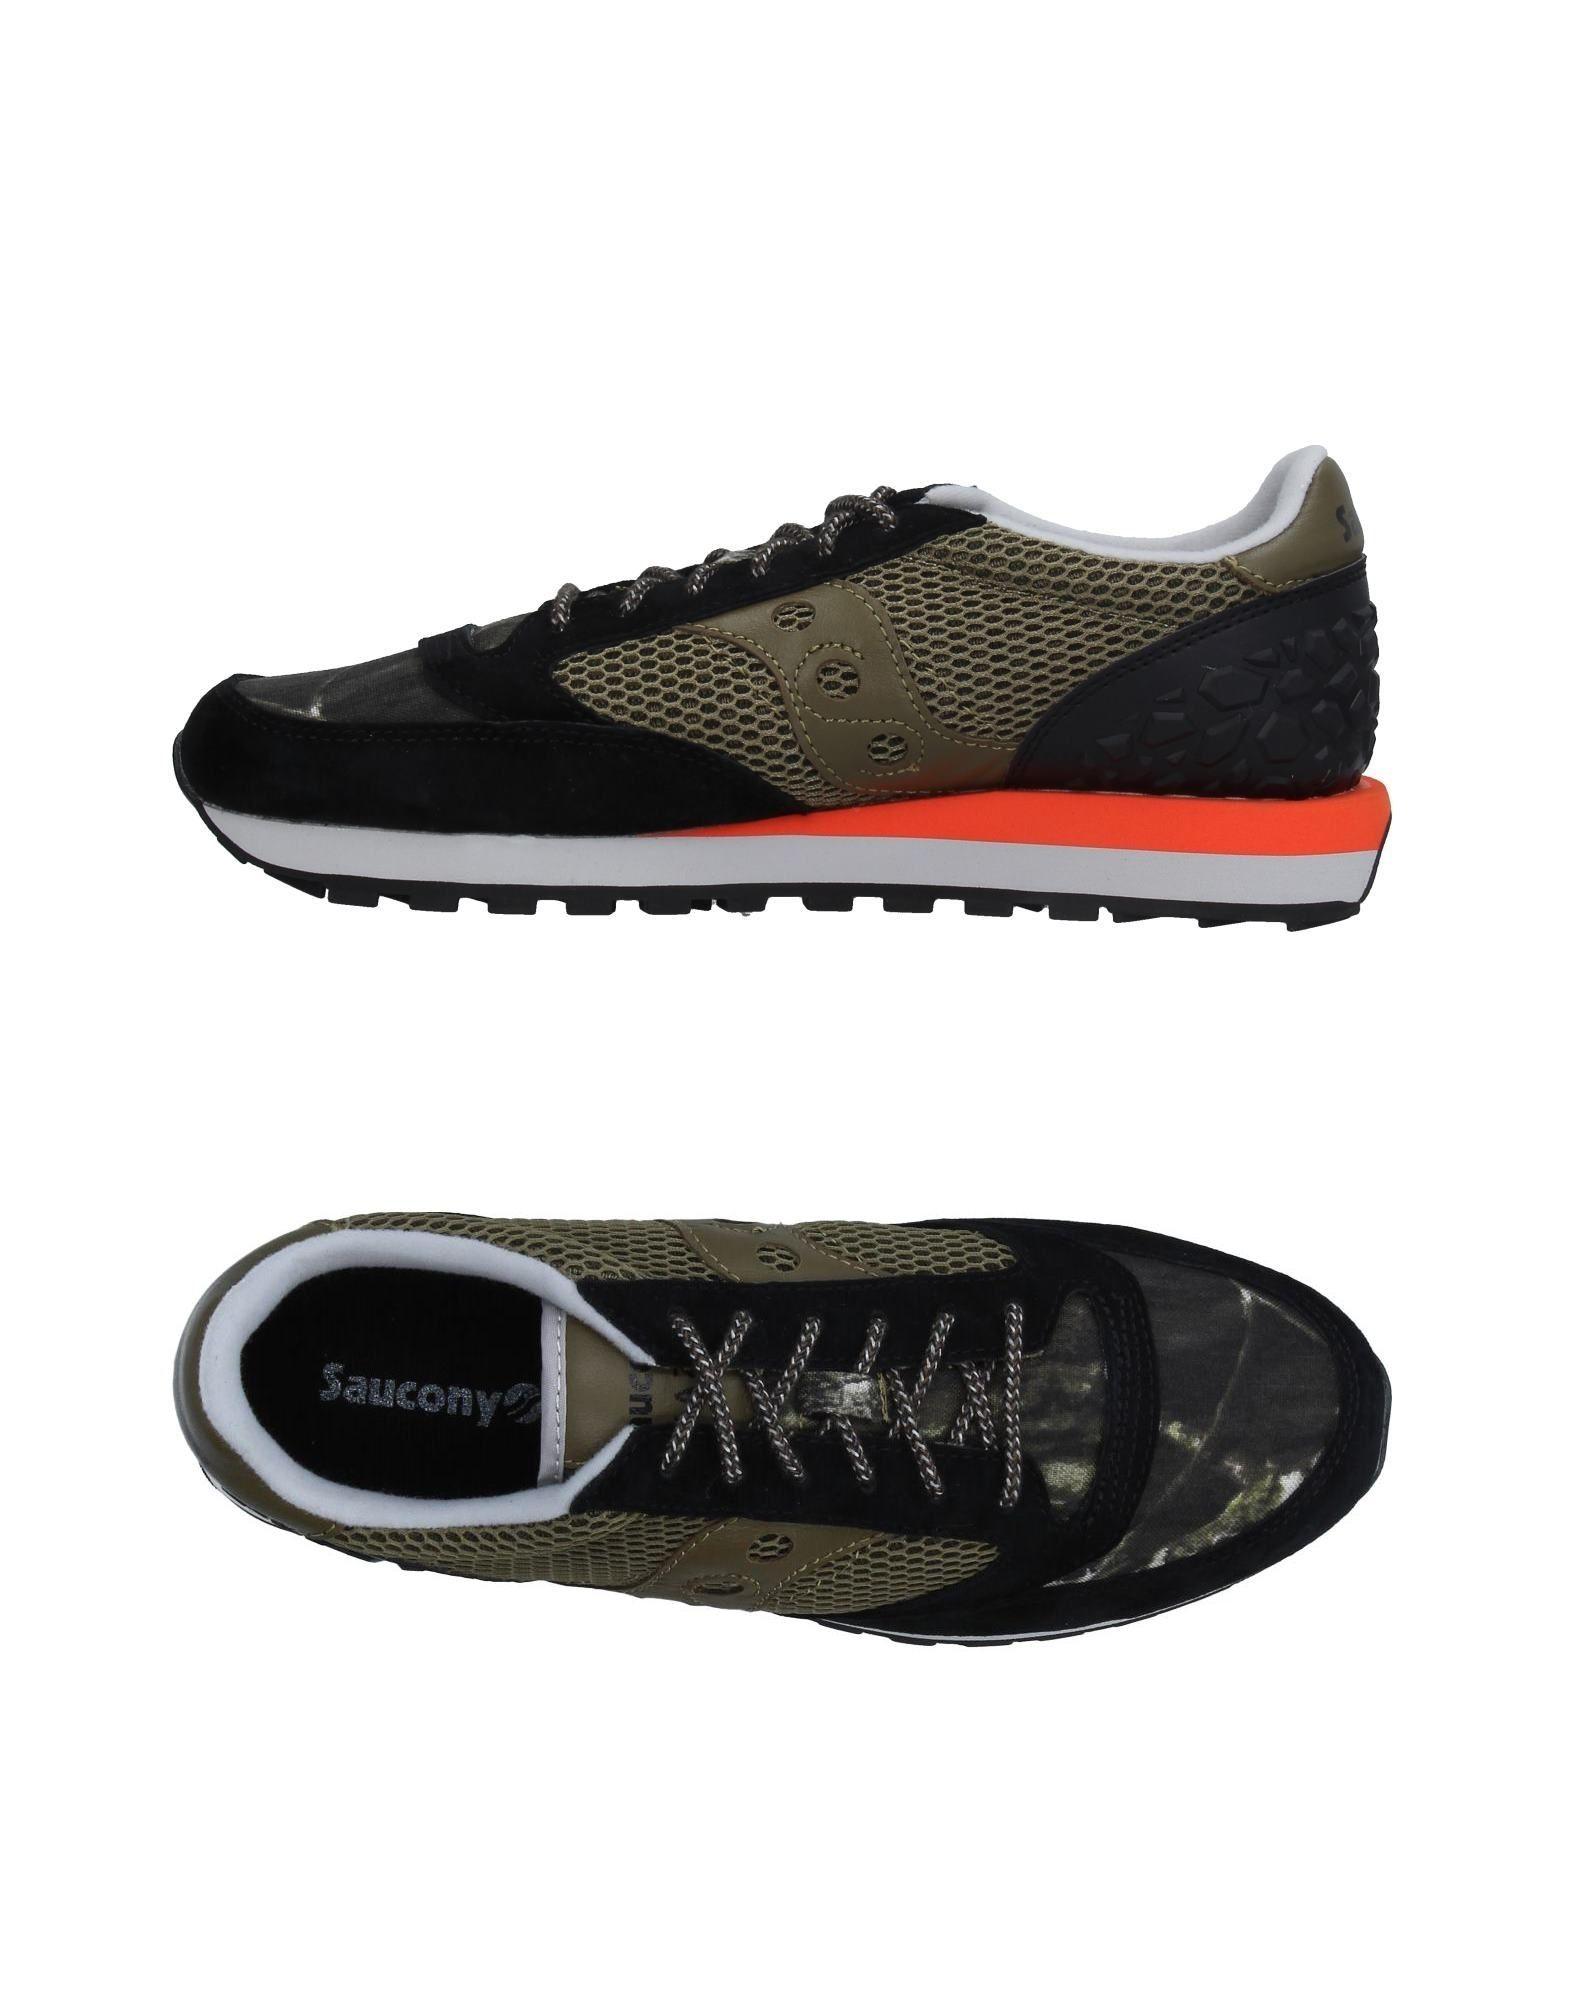 Rabatt echte Schuhe Saucony Sneakers Herren  11263826TK